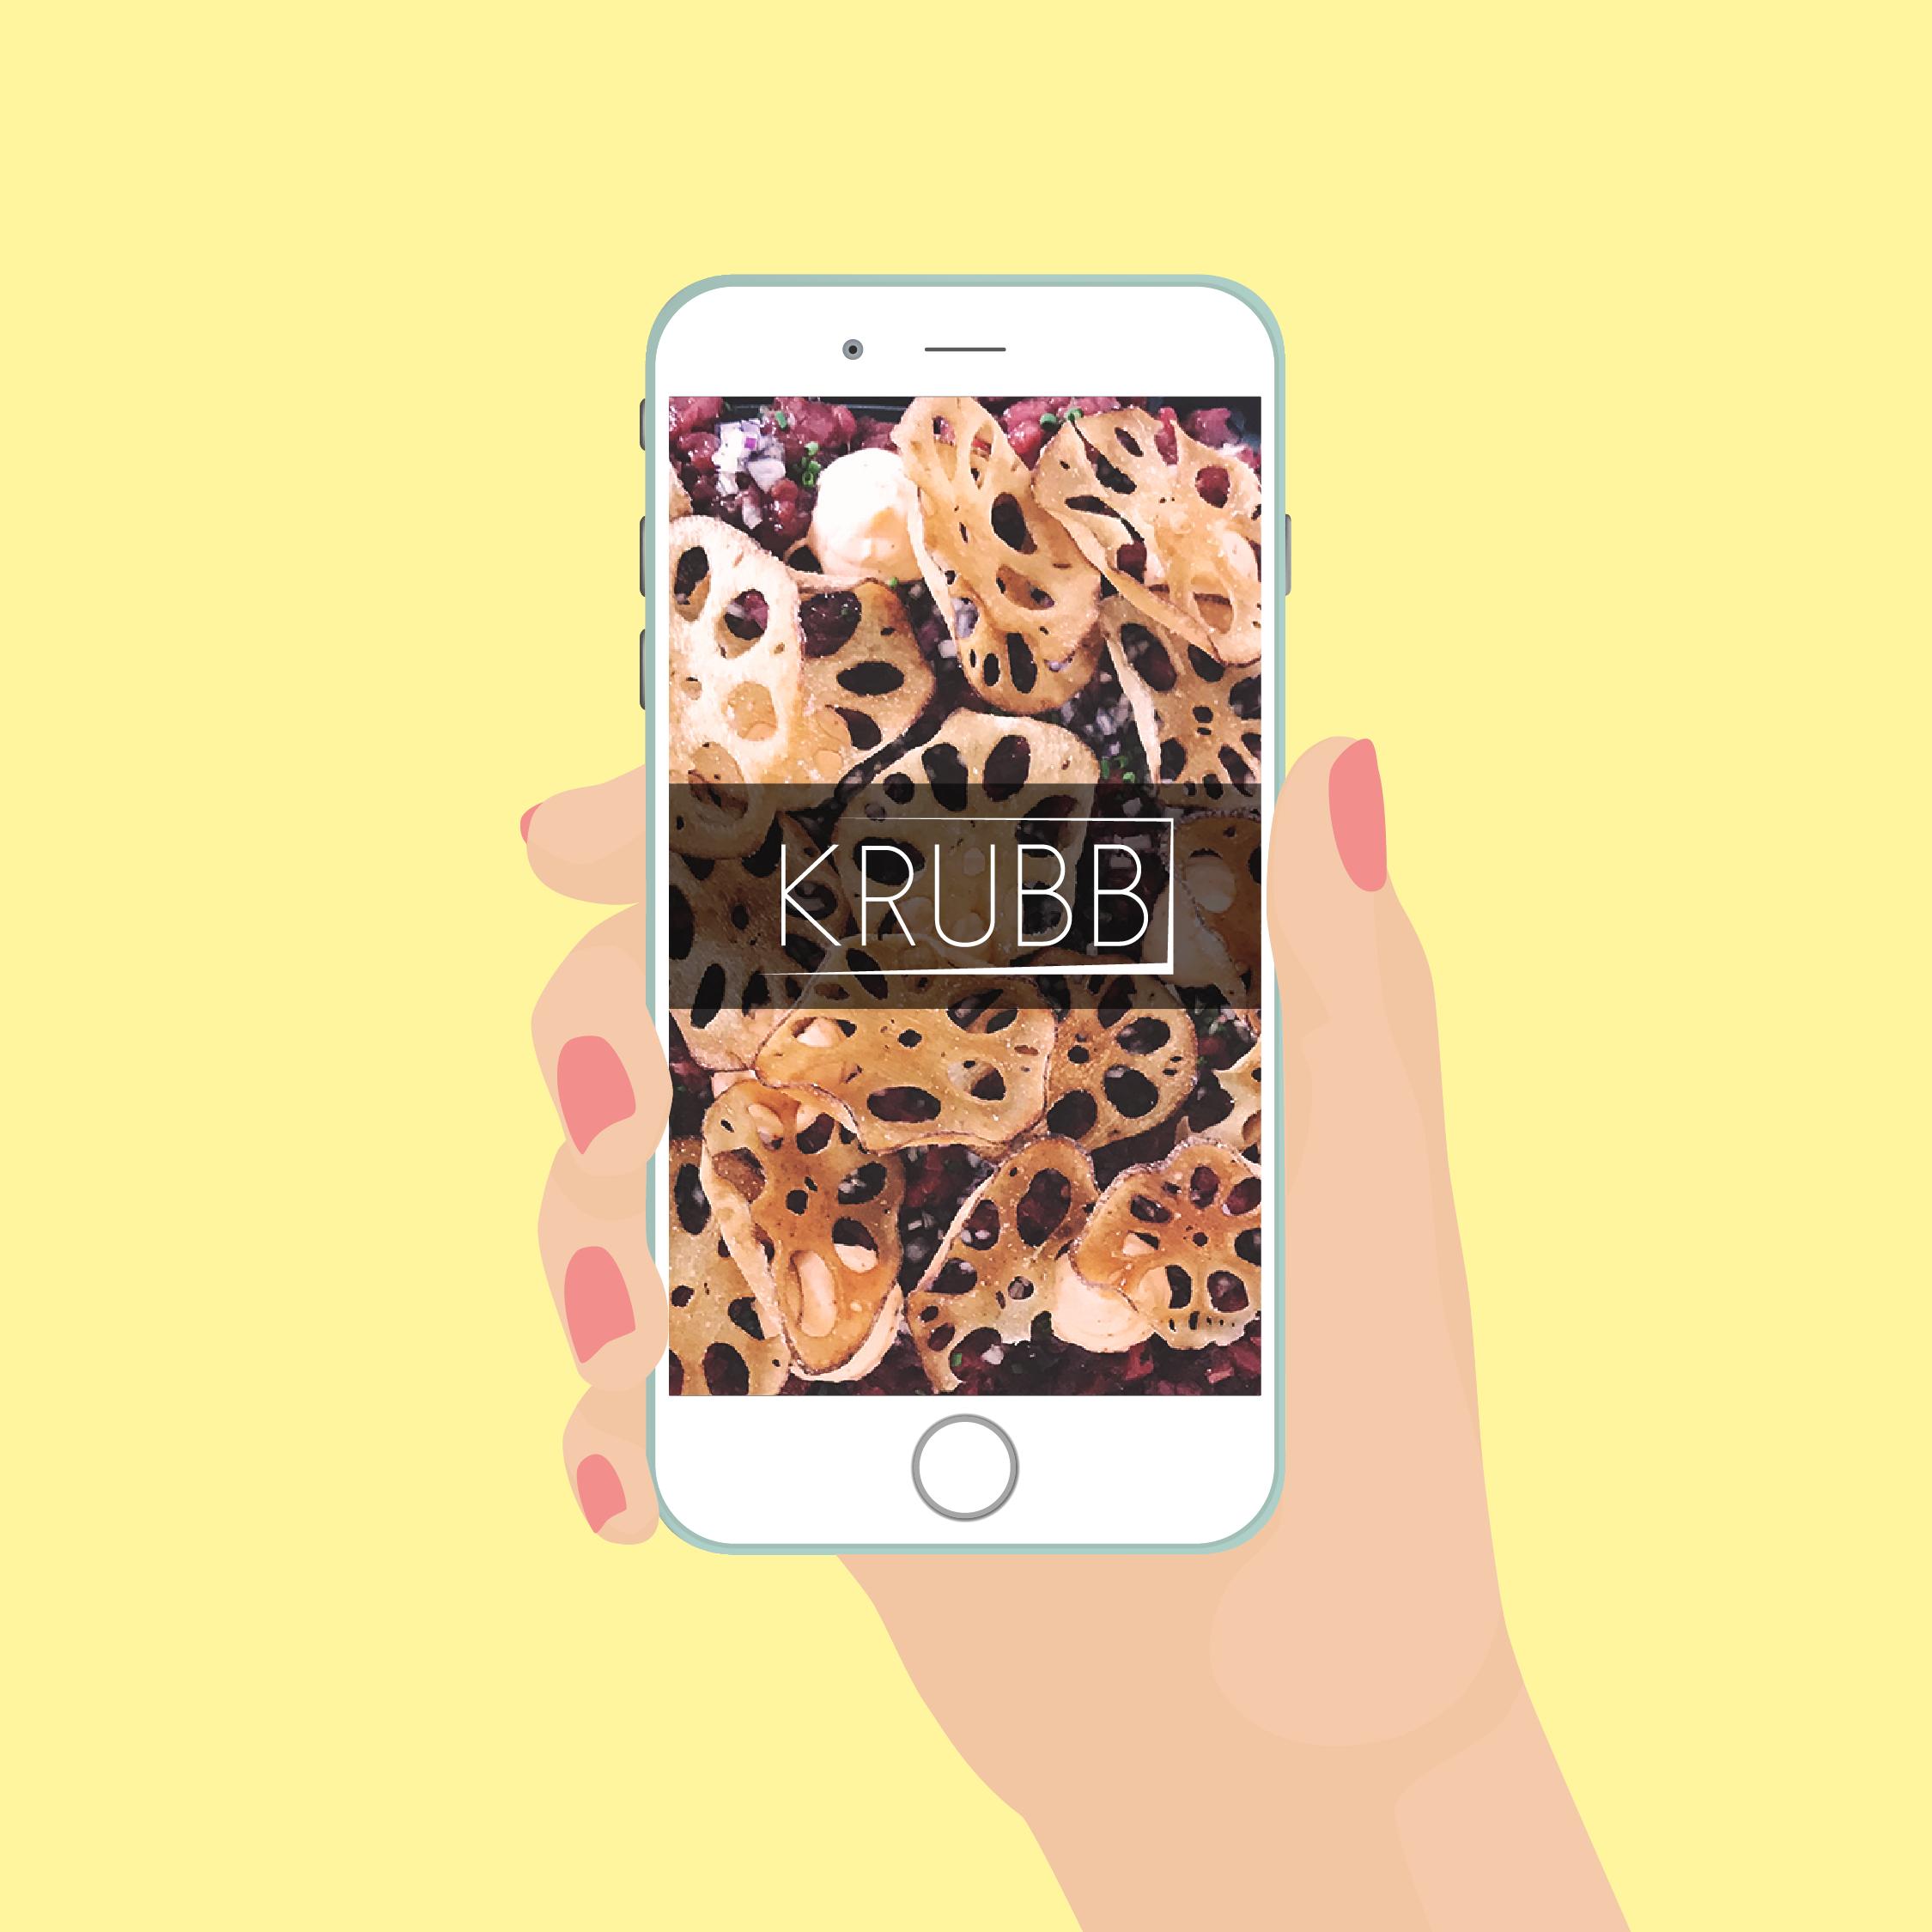 Illustration av Krubb cateringföretags hemsida i en telefon skapad av Byrån Y, en kommunikationsbyrå i Malmö.